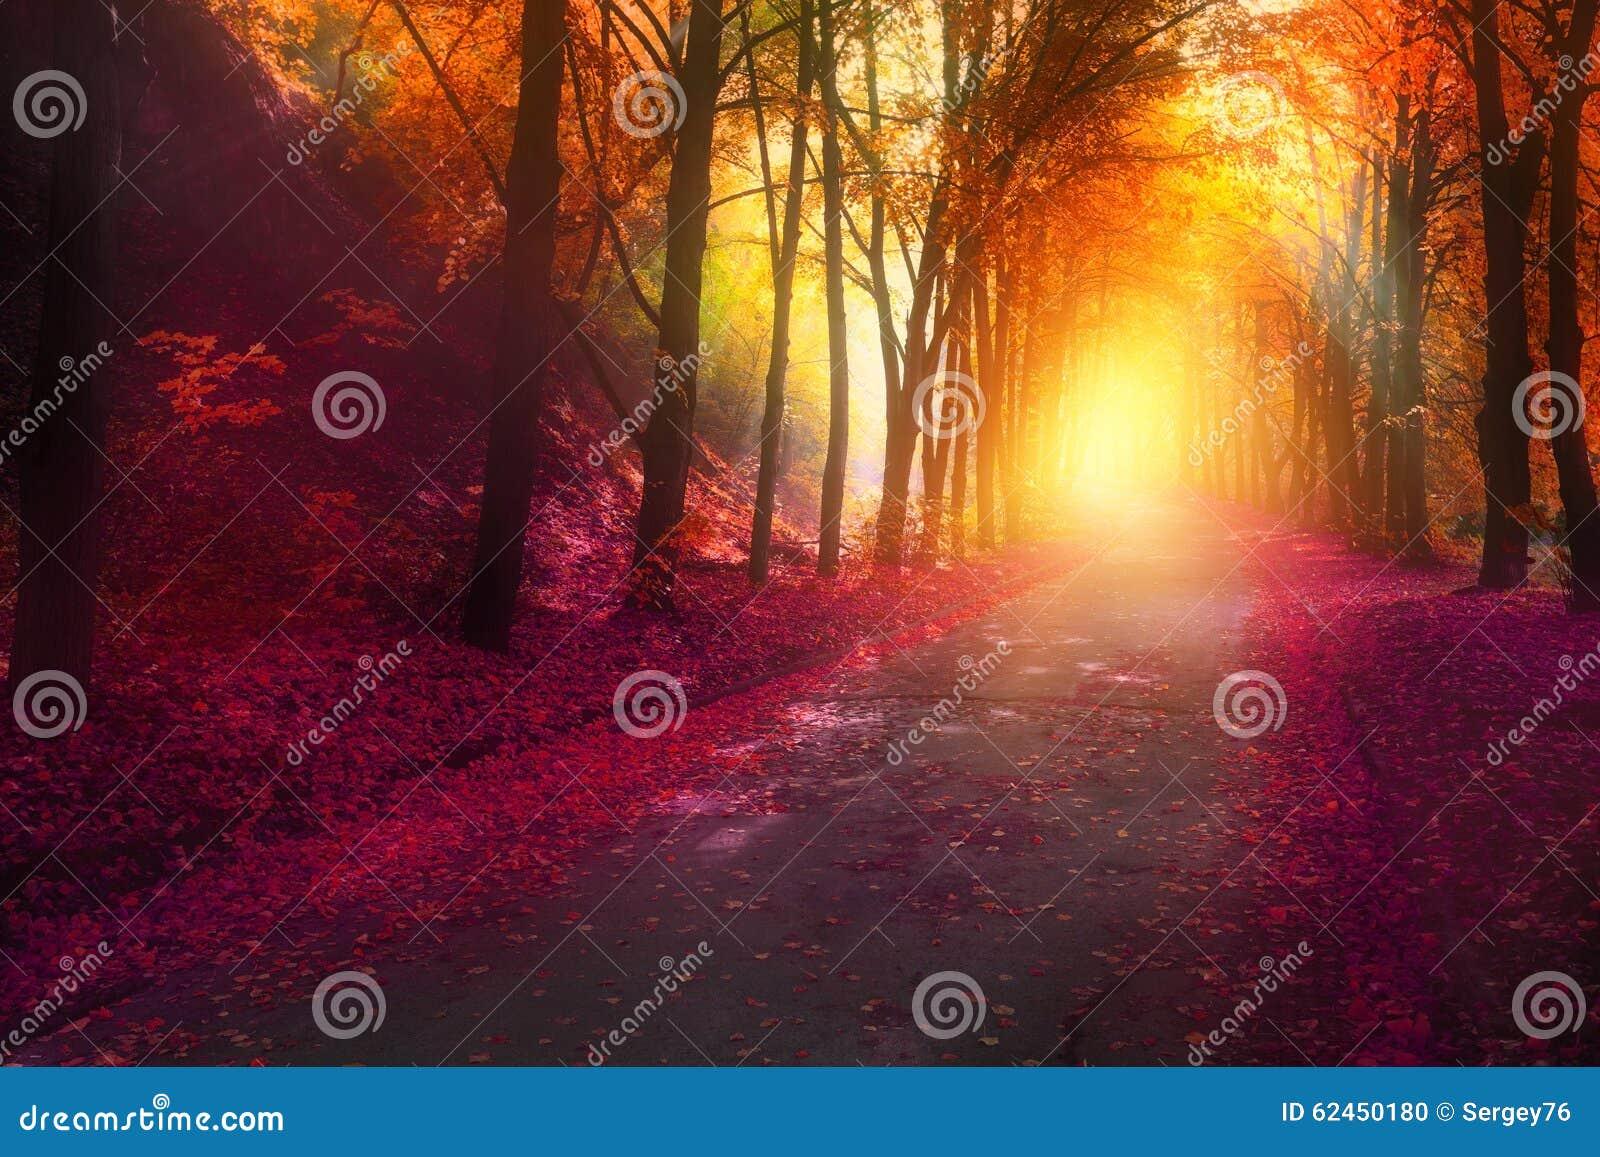 Fantasieszene im Herbstpark mit Sonne strahlt aus